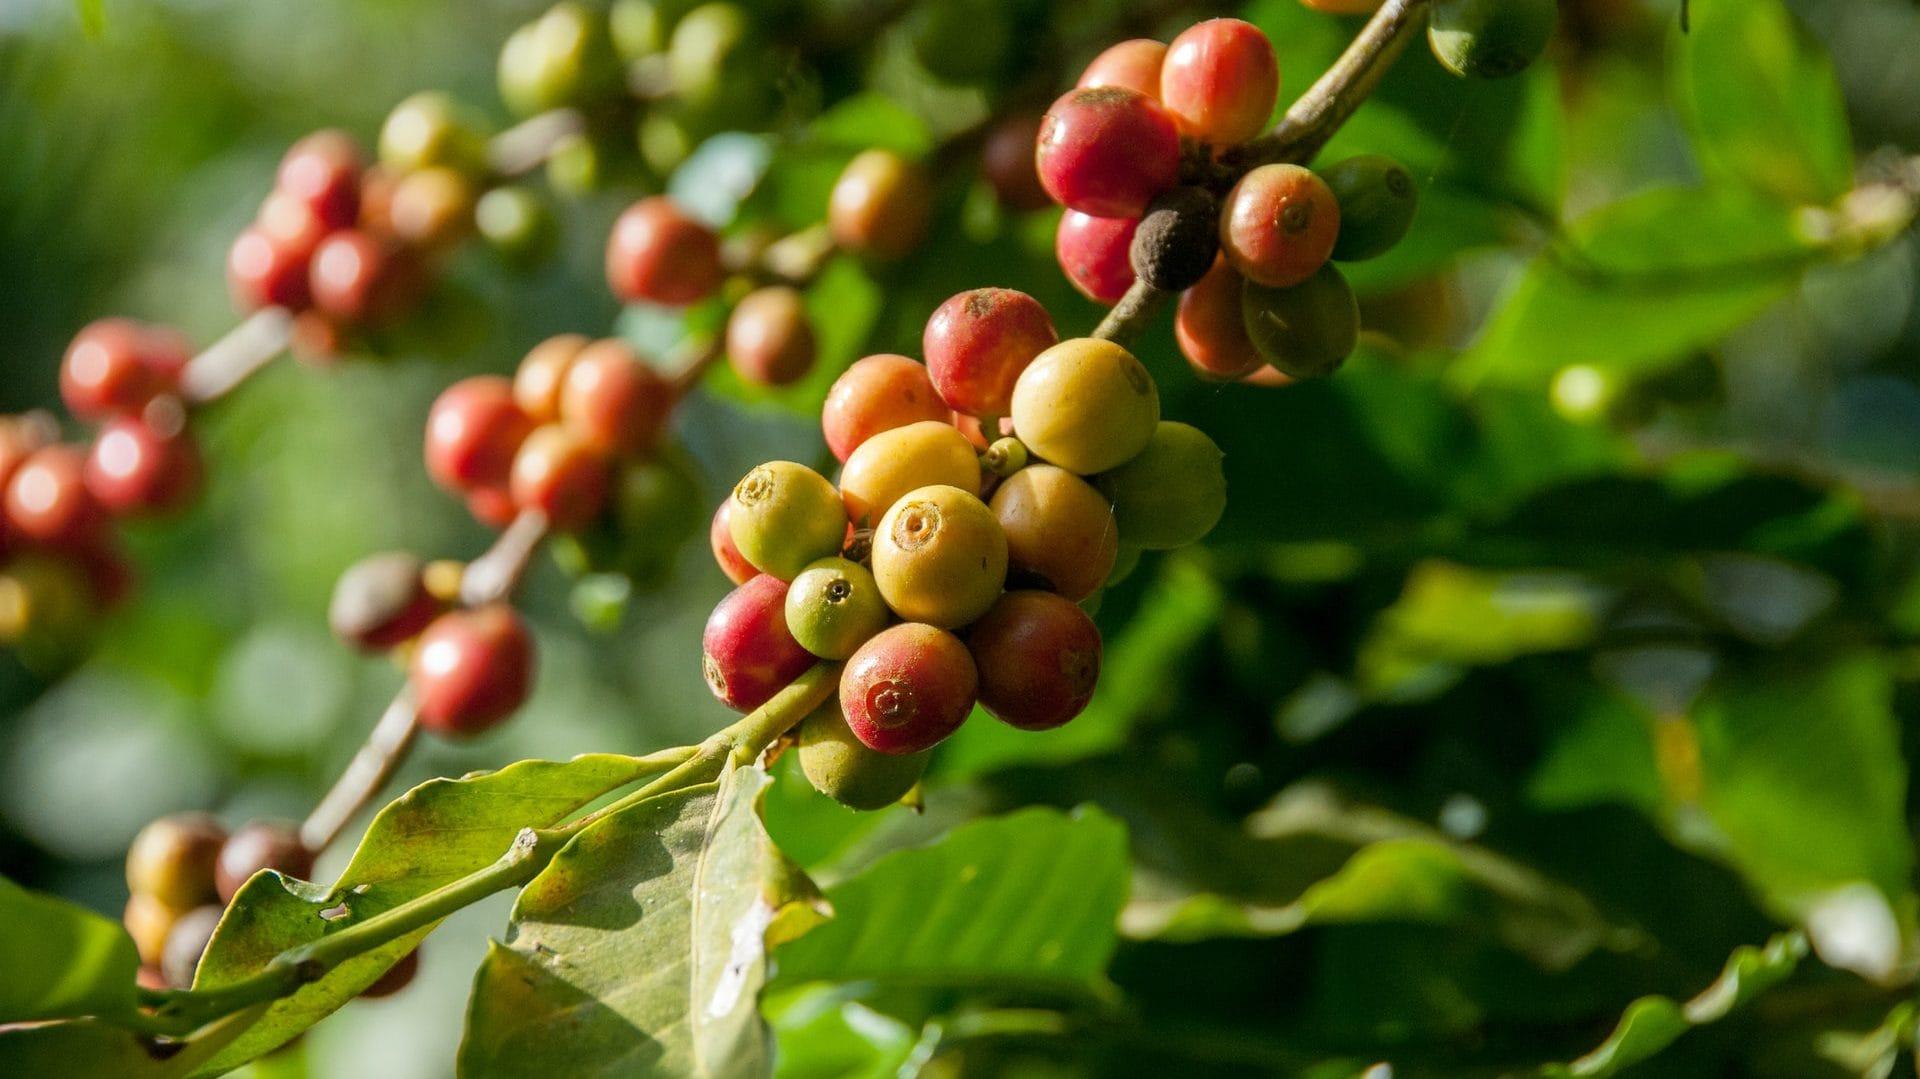 Koffieplant met rode en gele vruchten, vooraanzicht.